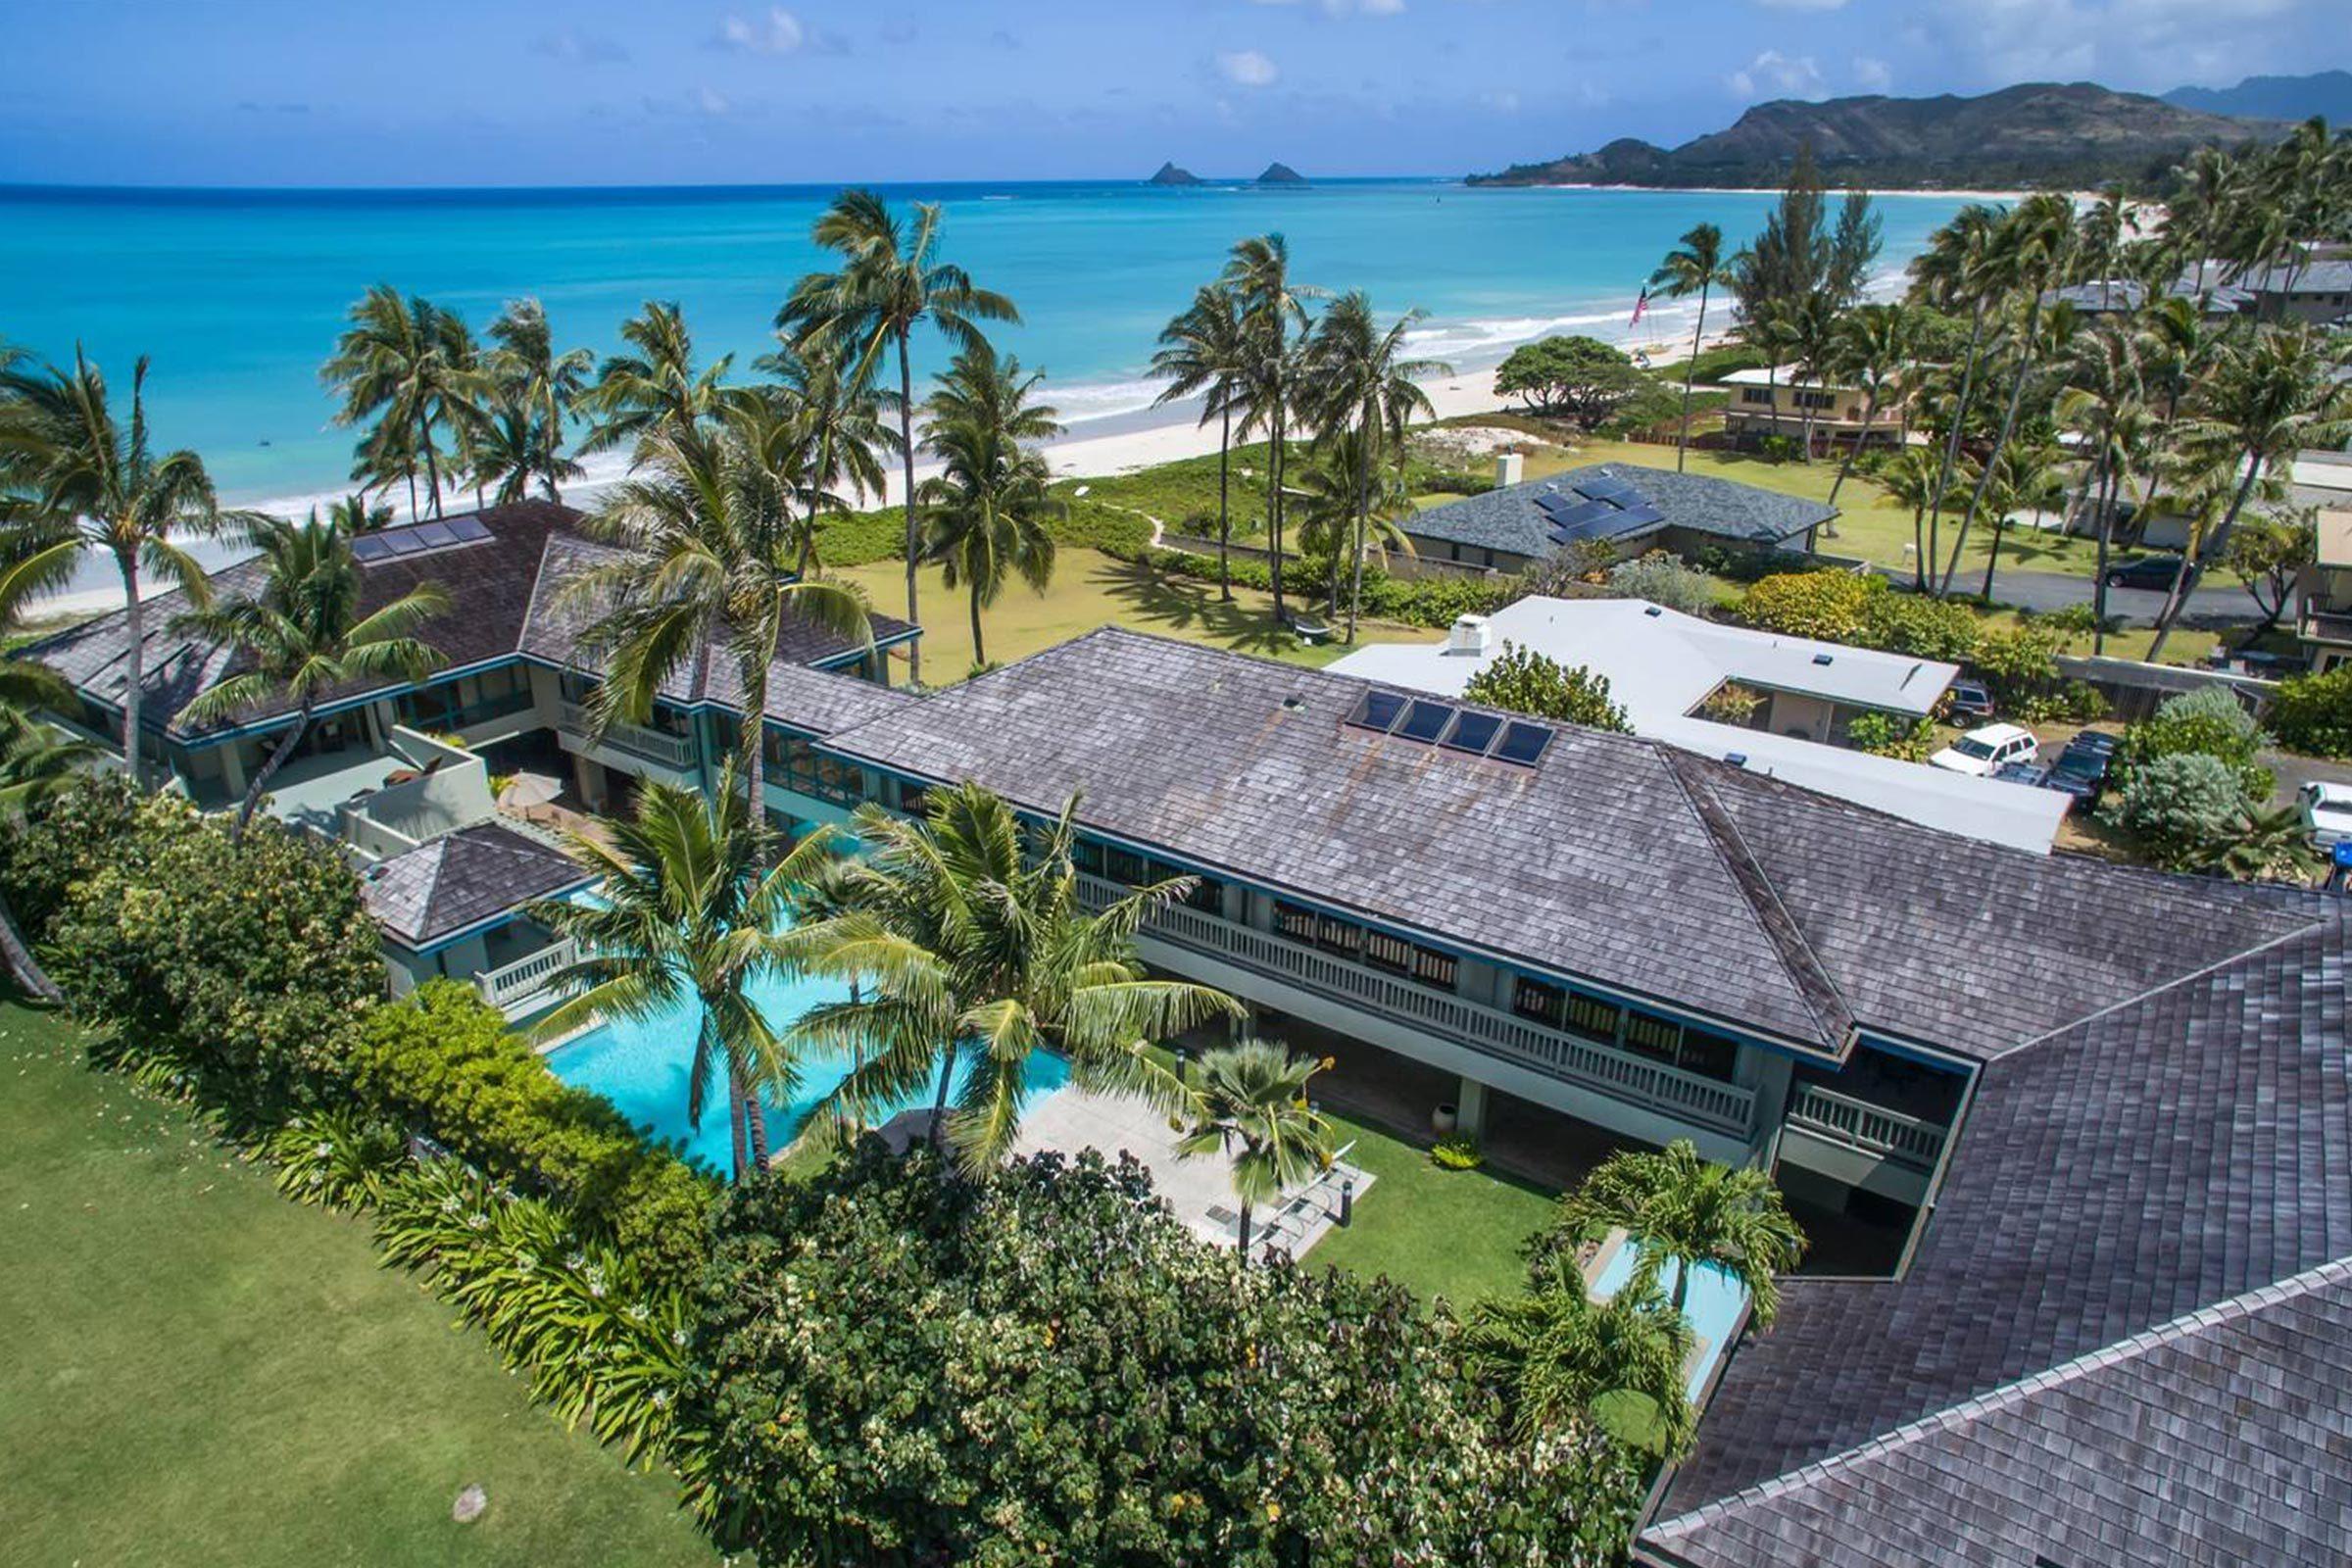 Hawaii airbnb